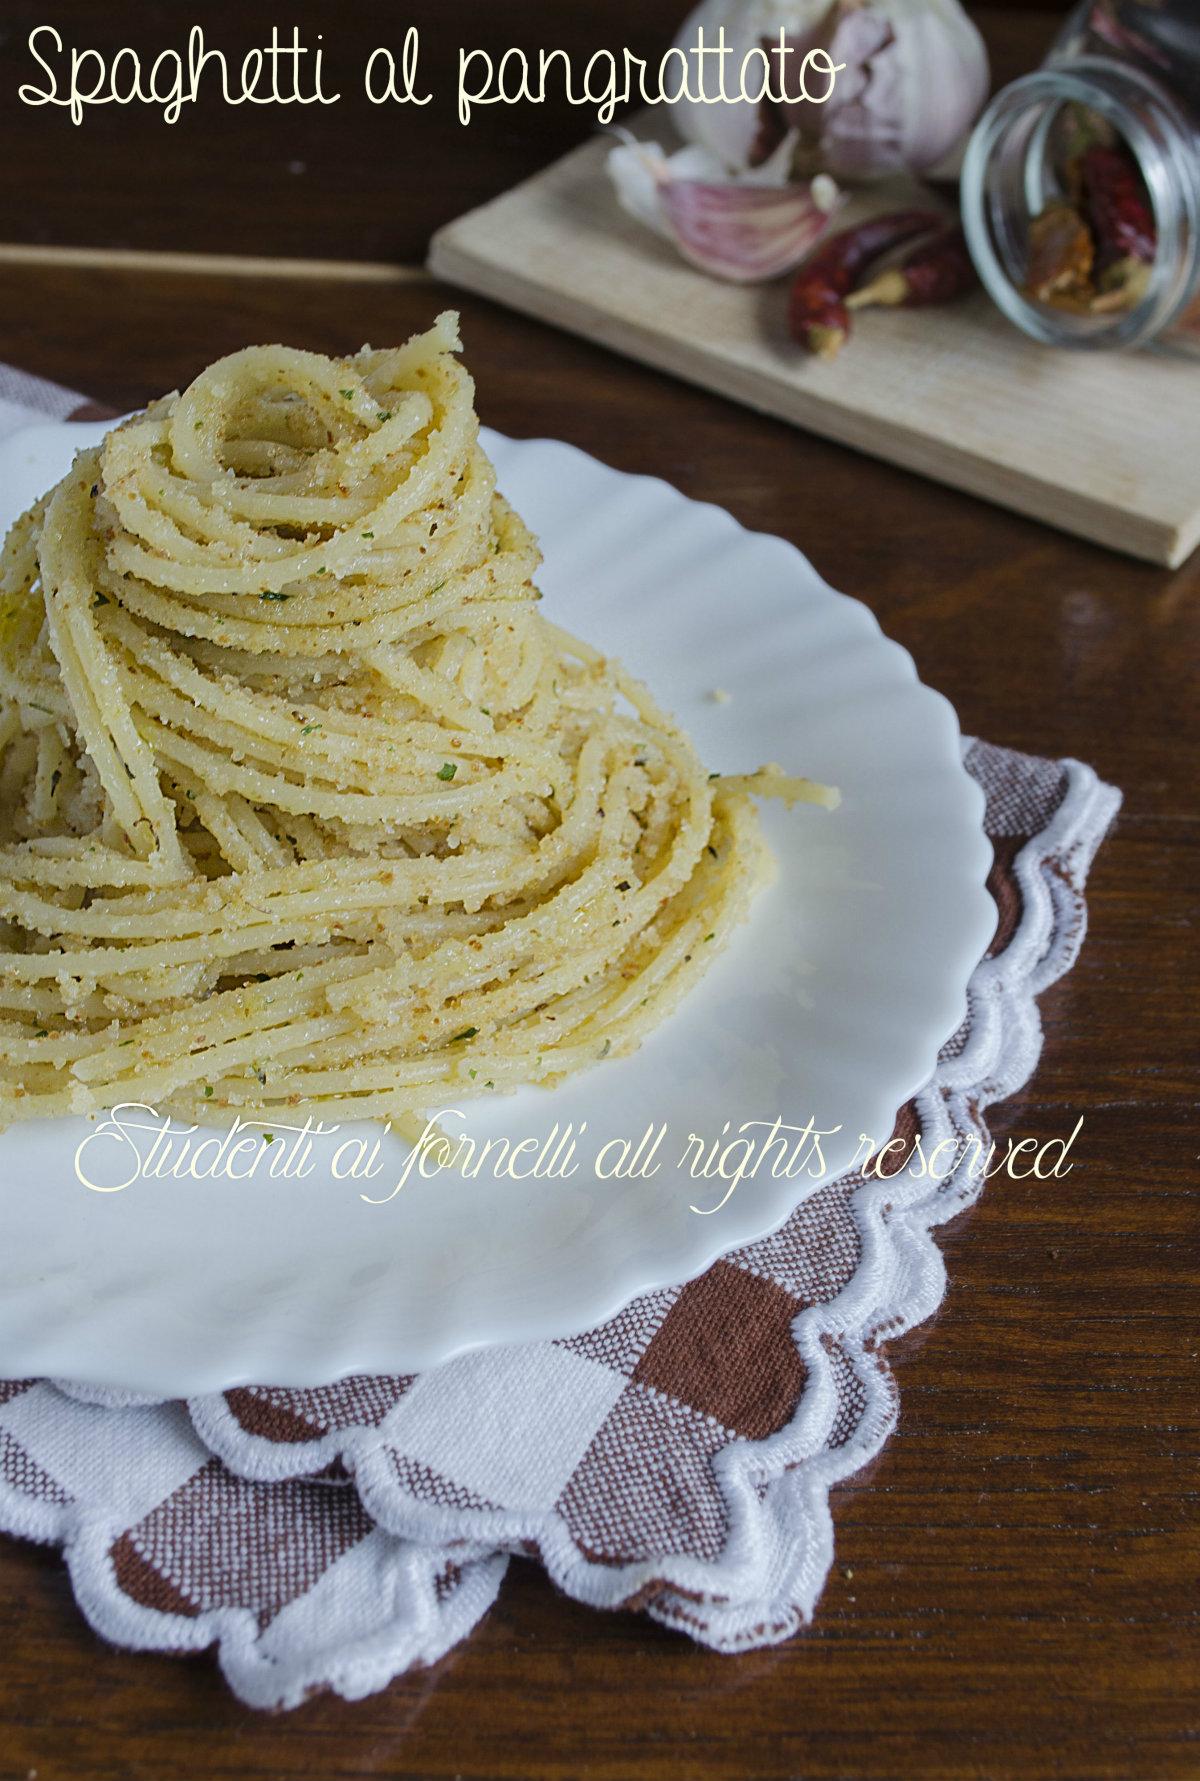 spaghetti al pangrattato aglio olio e peperoncino ricetta primo veloce e leggero light